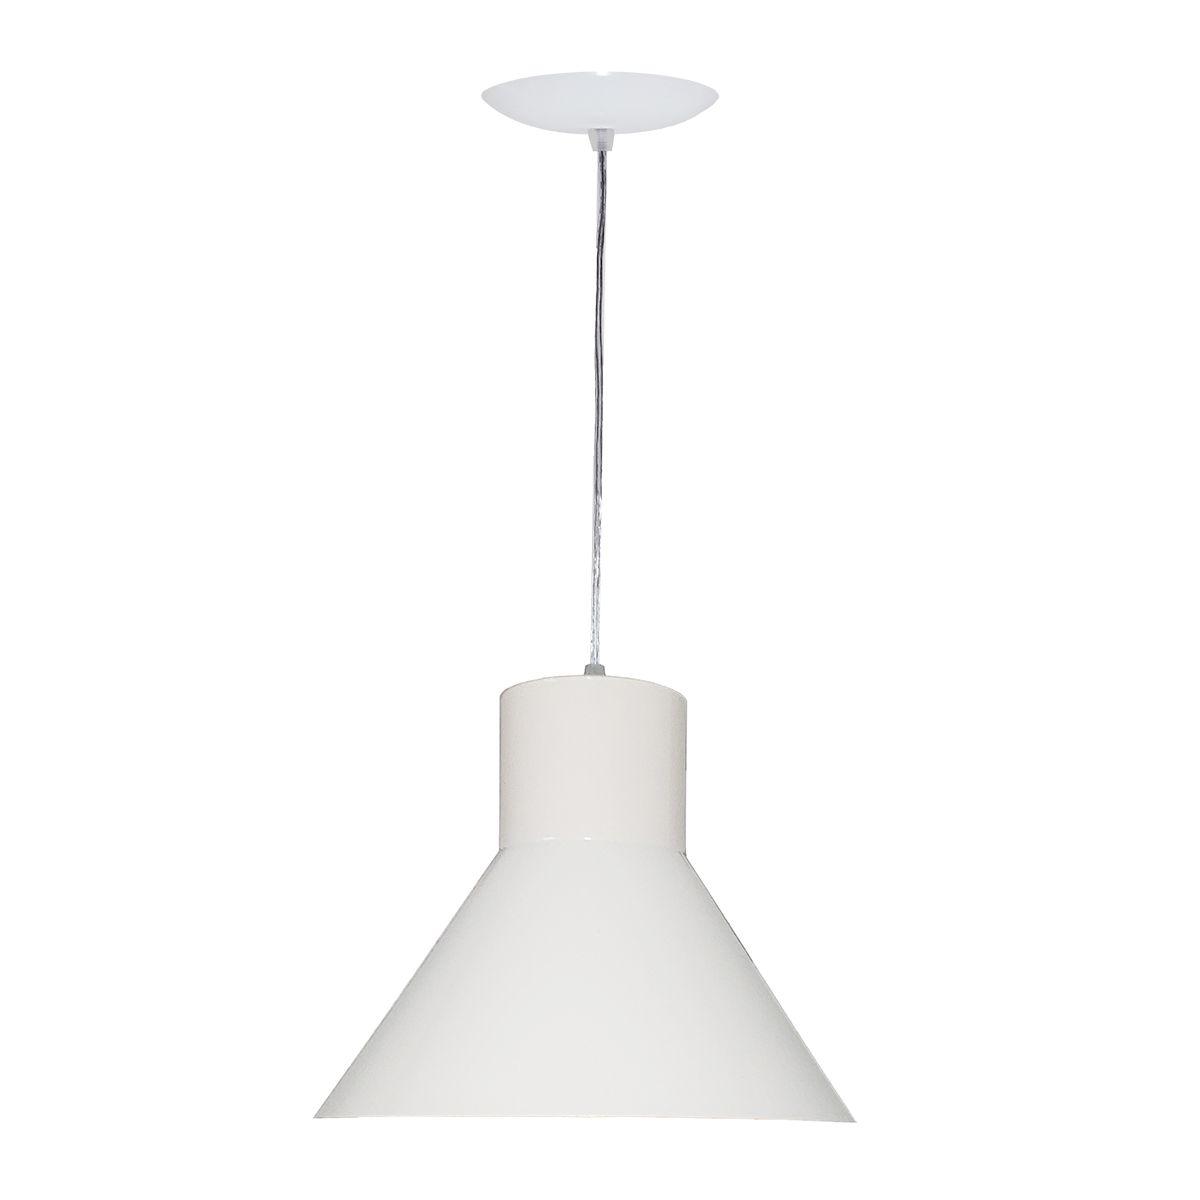 Luminária Decorativa Héstia Branco/Cobre com Pendente